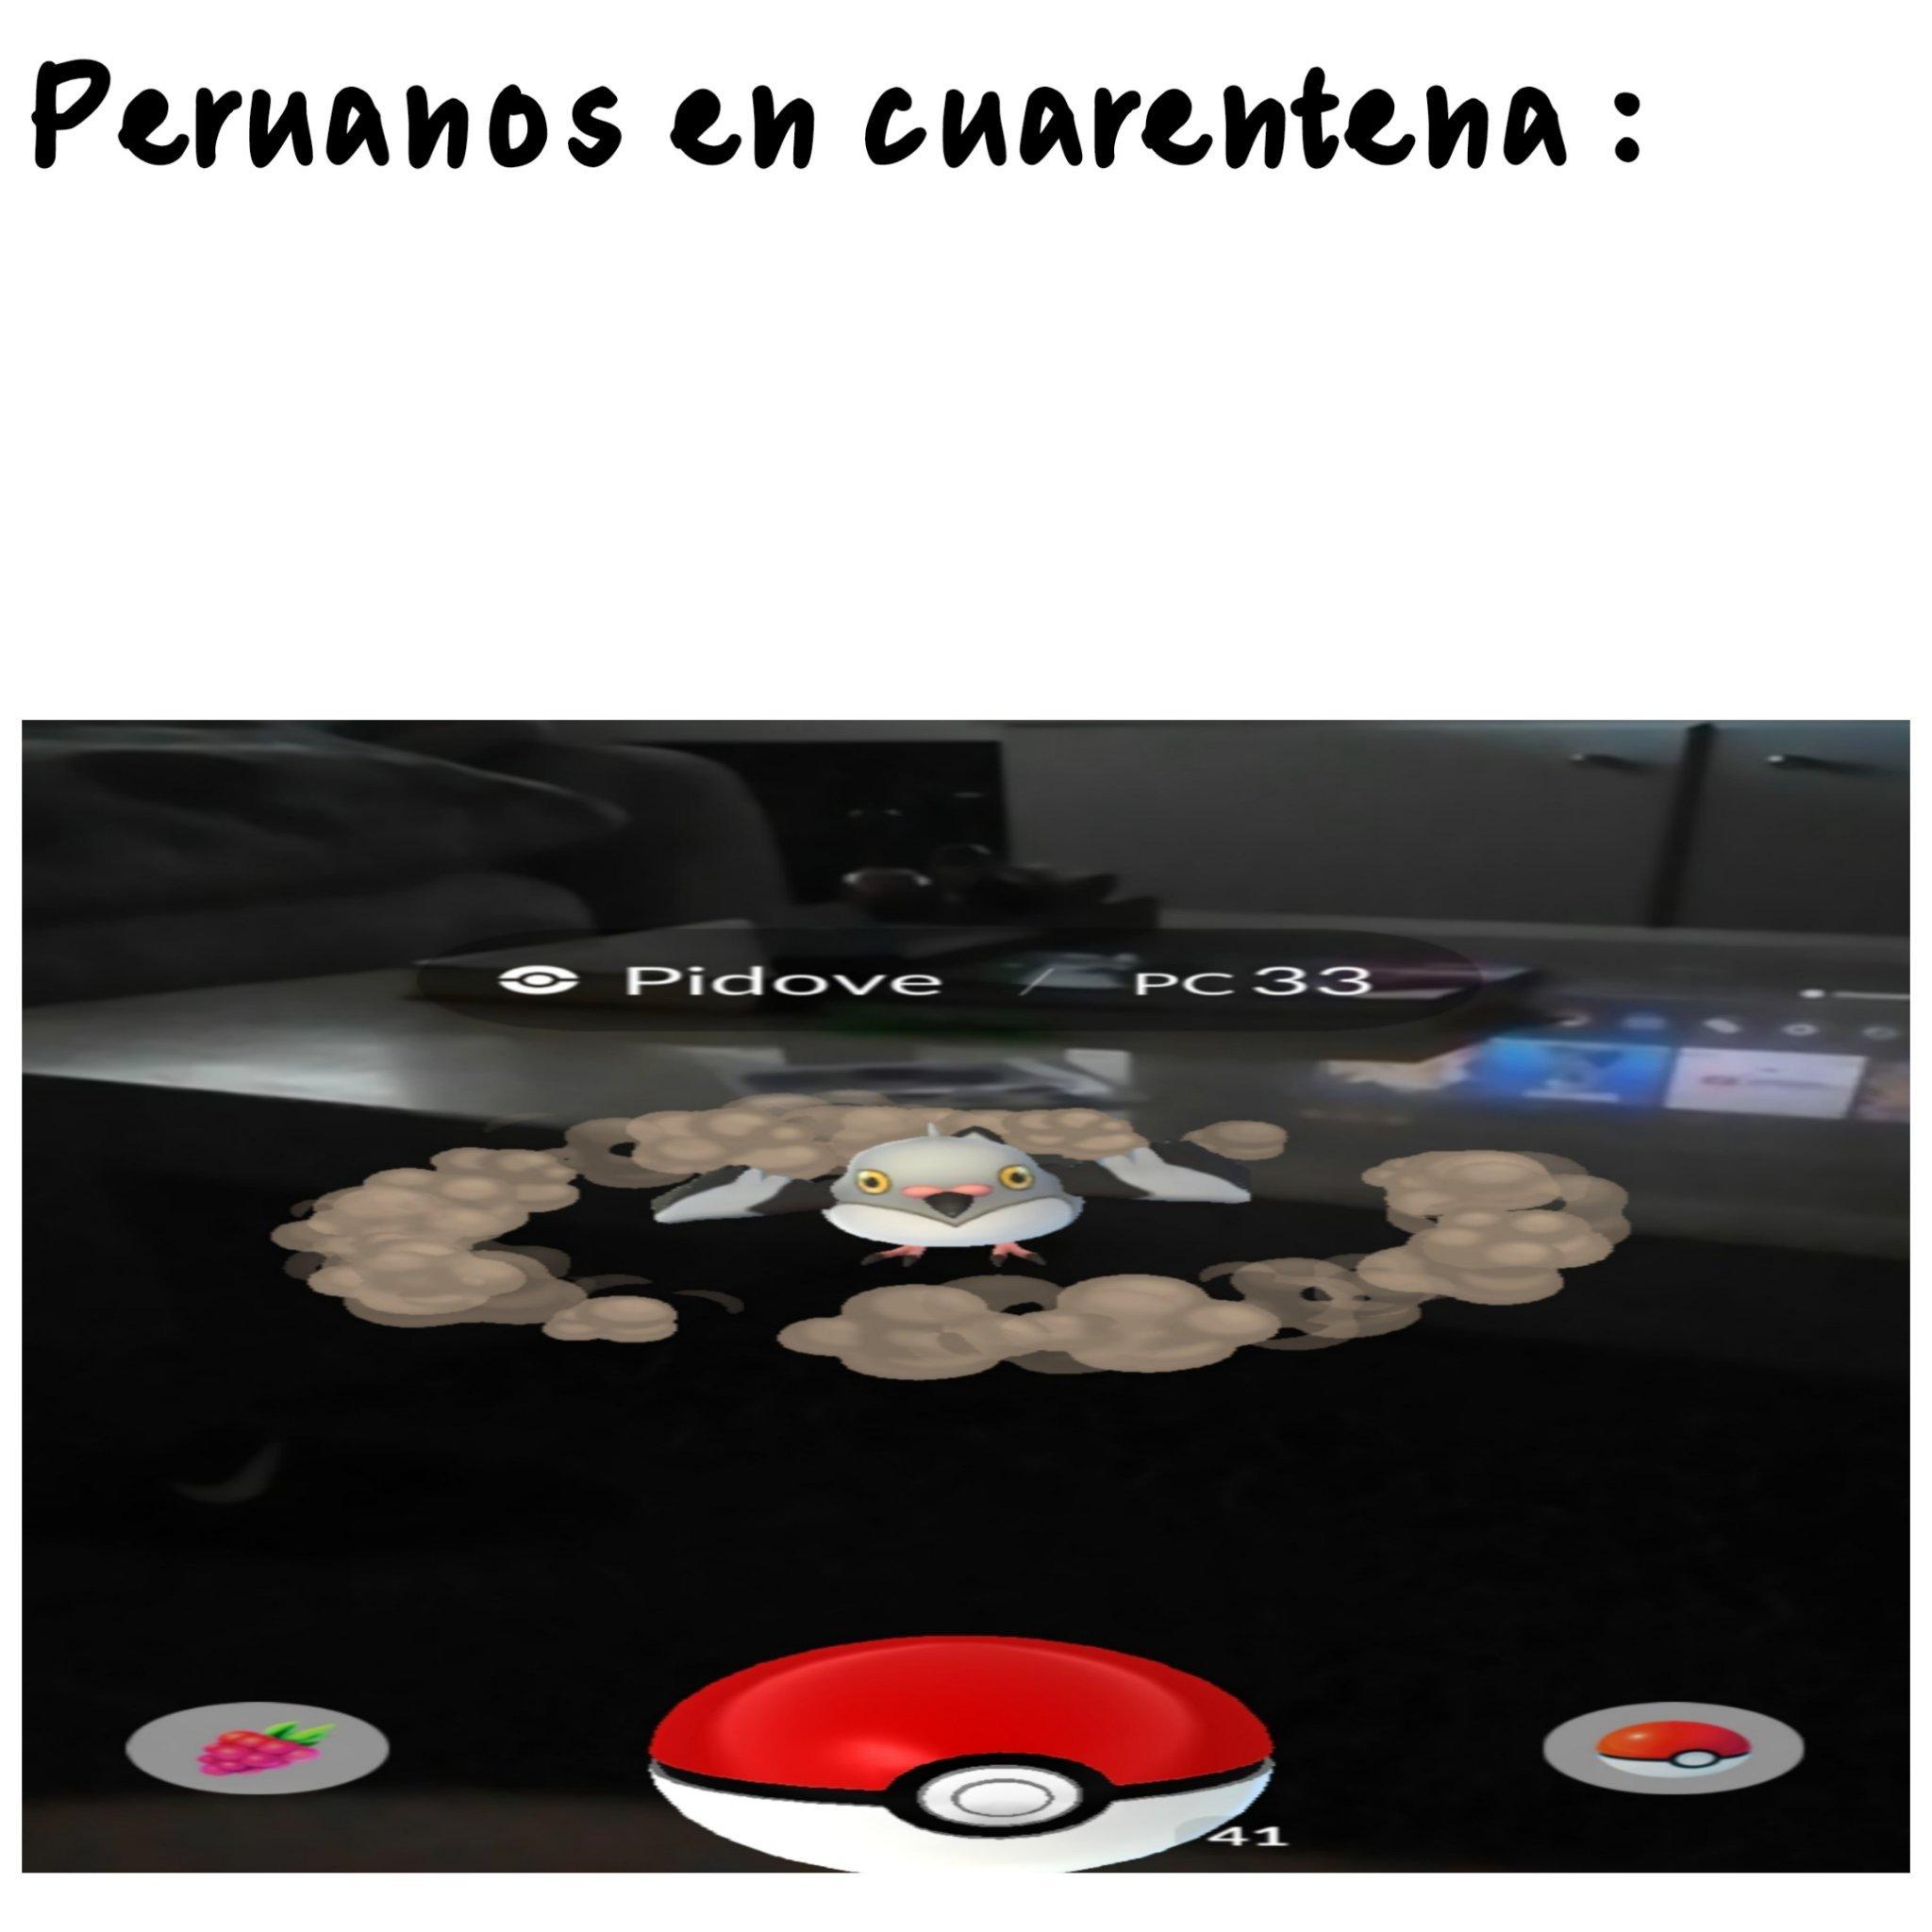 Pokepaloma - meme